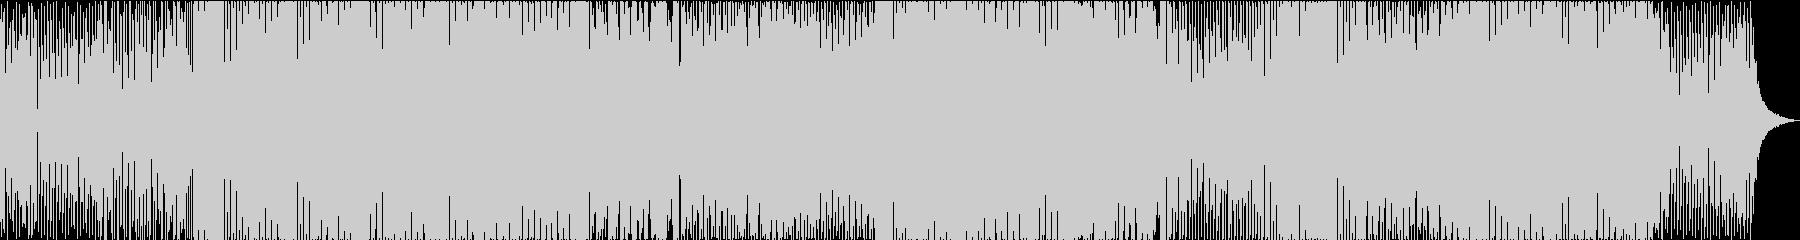 リズムと線形の伝統的なメロディーダ...の未再生の波形